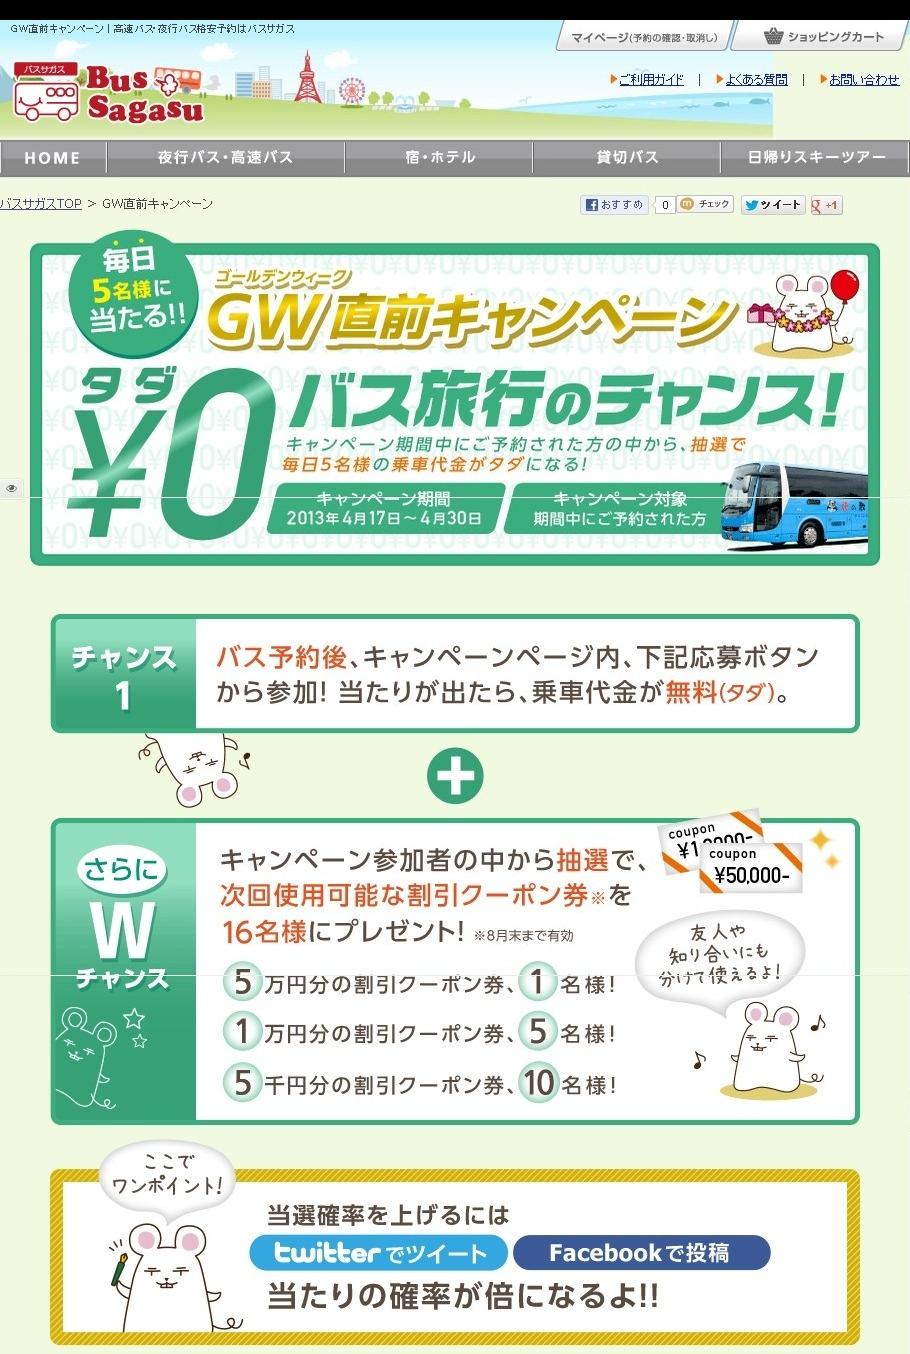 【毎日5名に当たる】GW直前キャンペーン!無料(タダ)でバス旅行のチャンス! 株式会社スタイルサーチ http://www.bus-sagasu.com